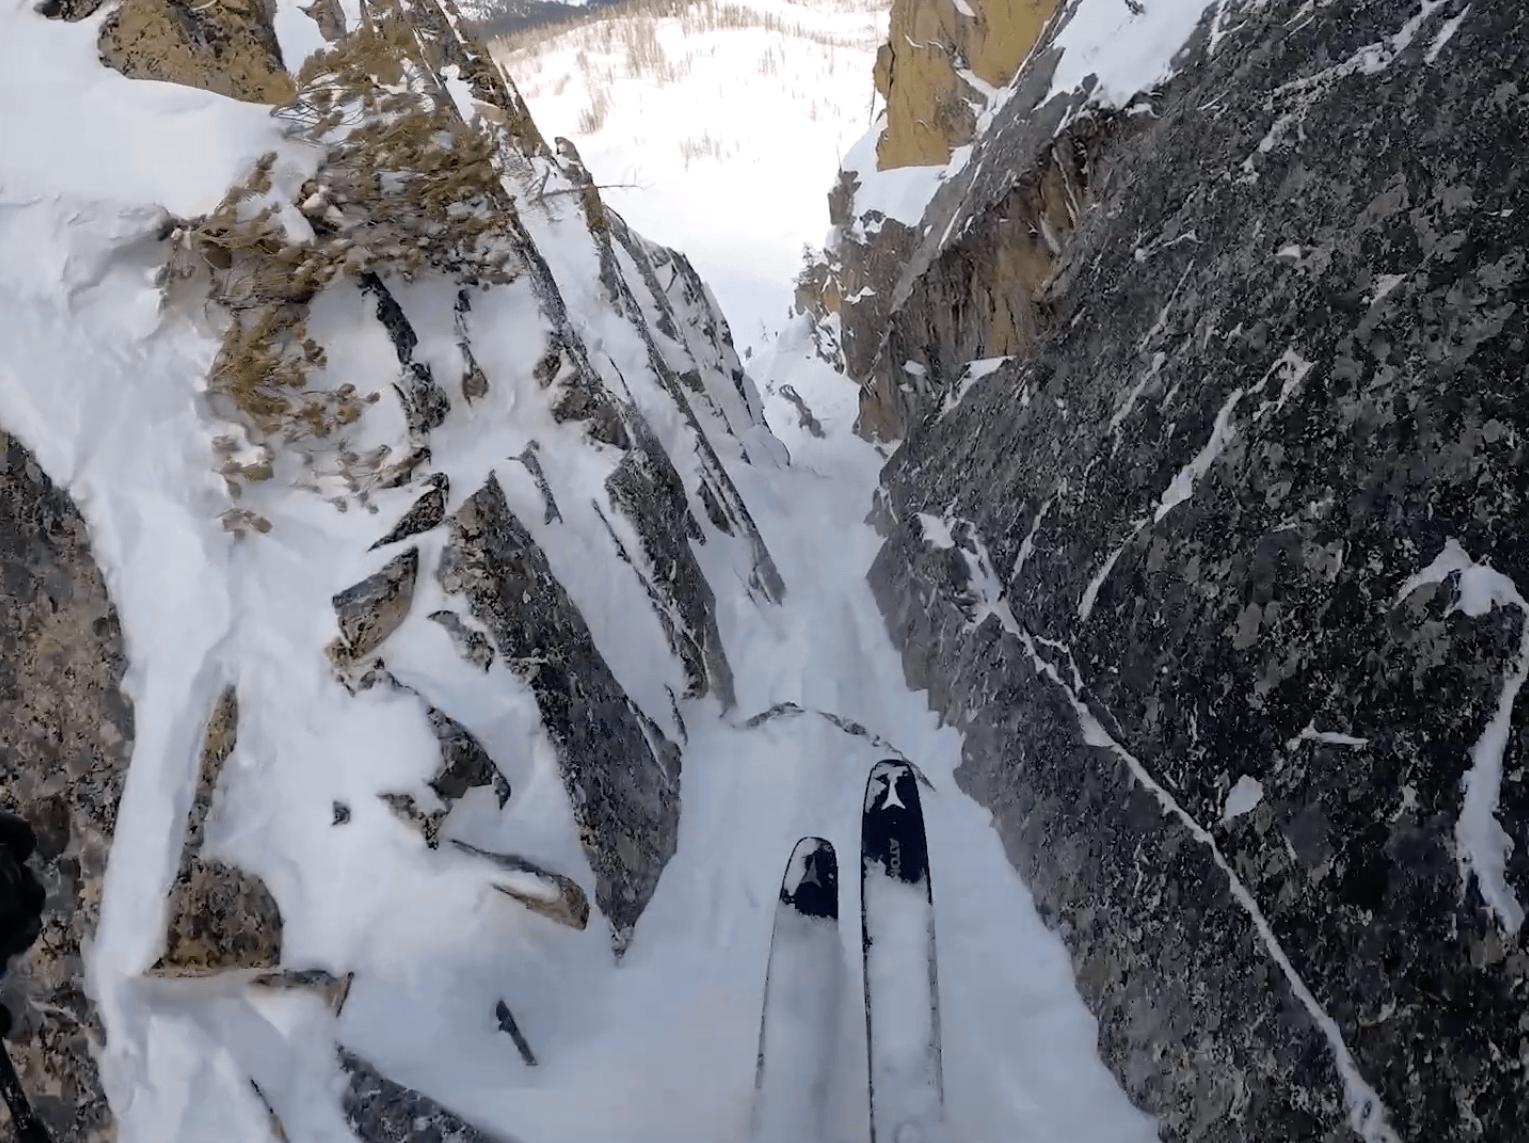 narrow chute